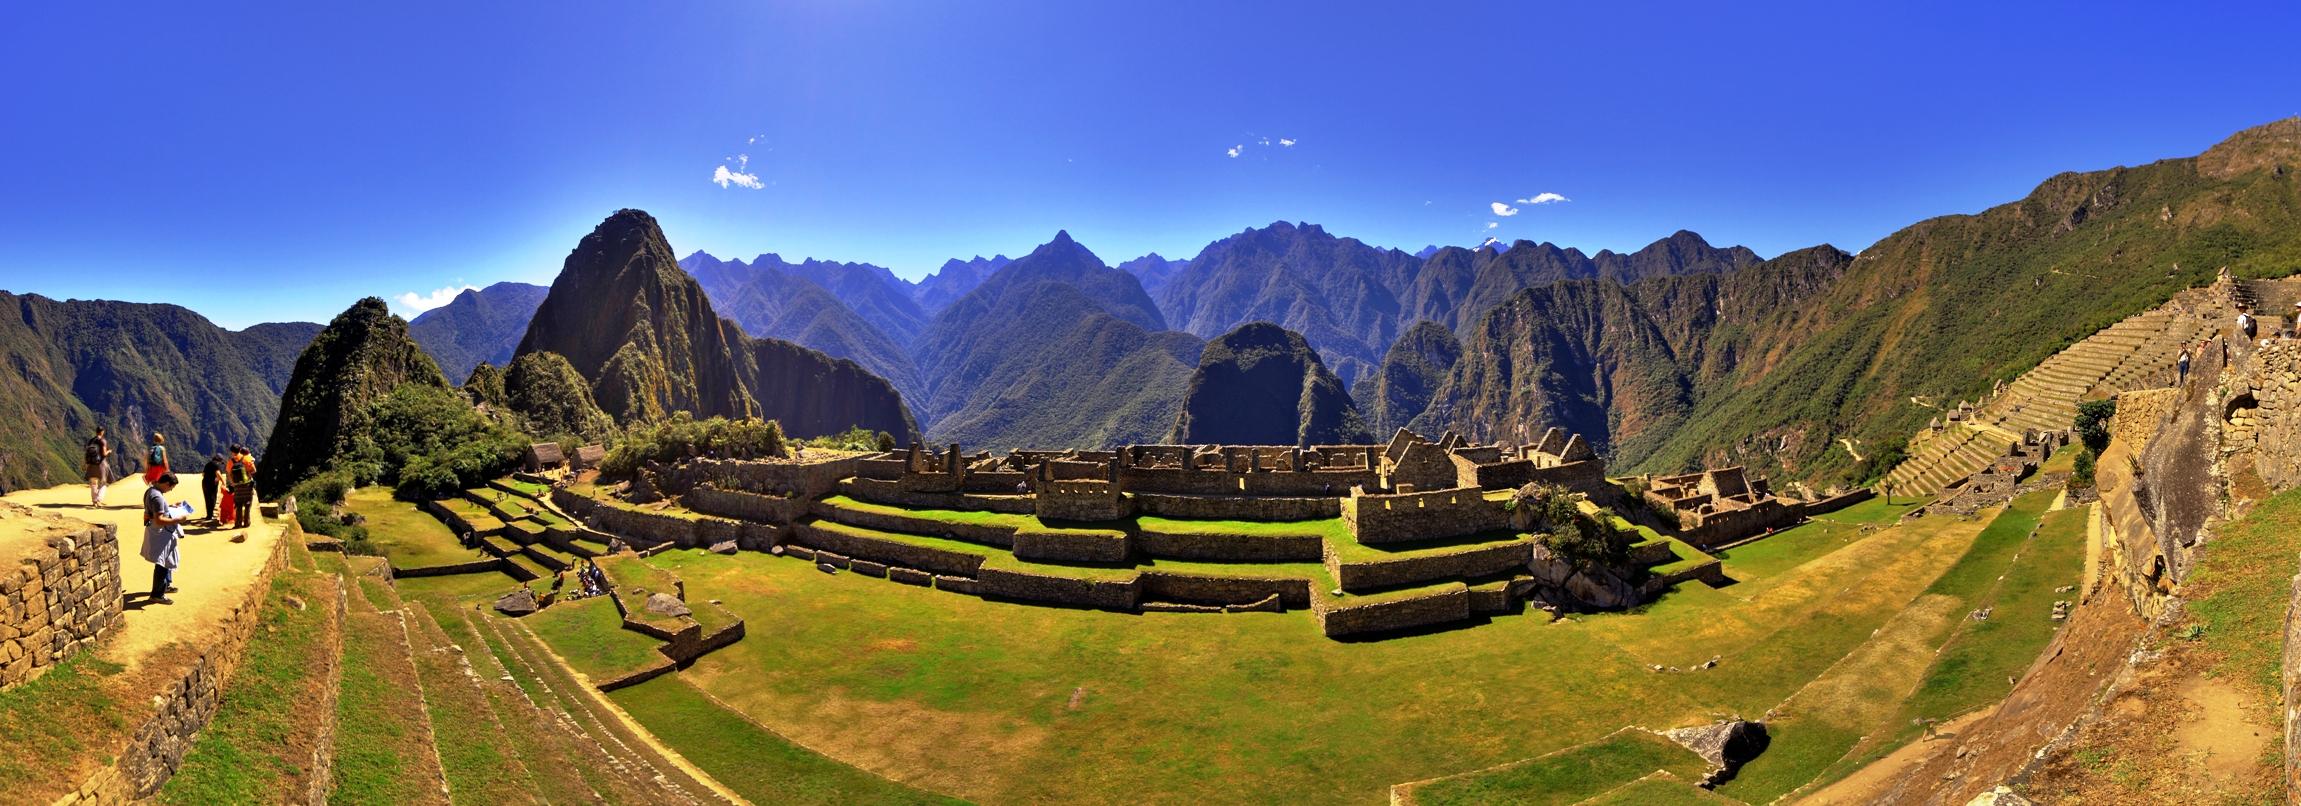 viaggi peru 4x4 machu picchu peruresponsabile turismo solidale cusco.jpg